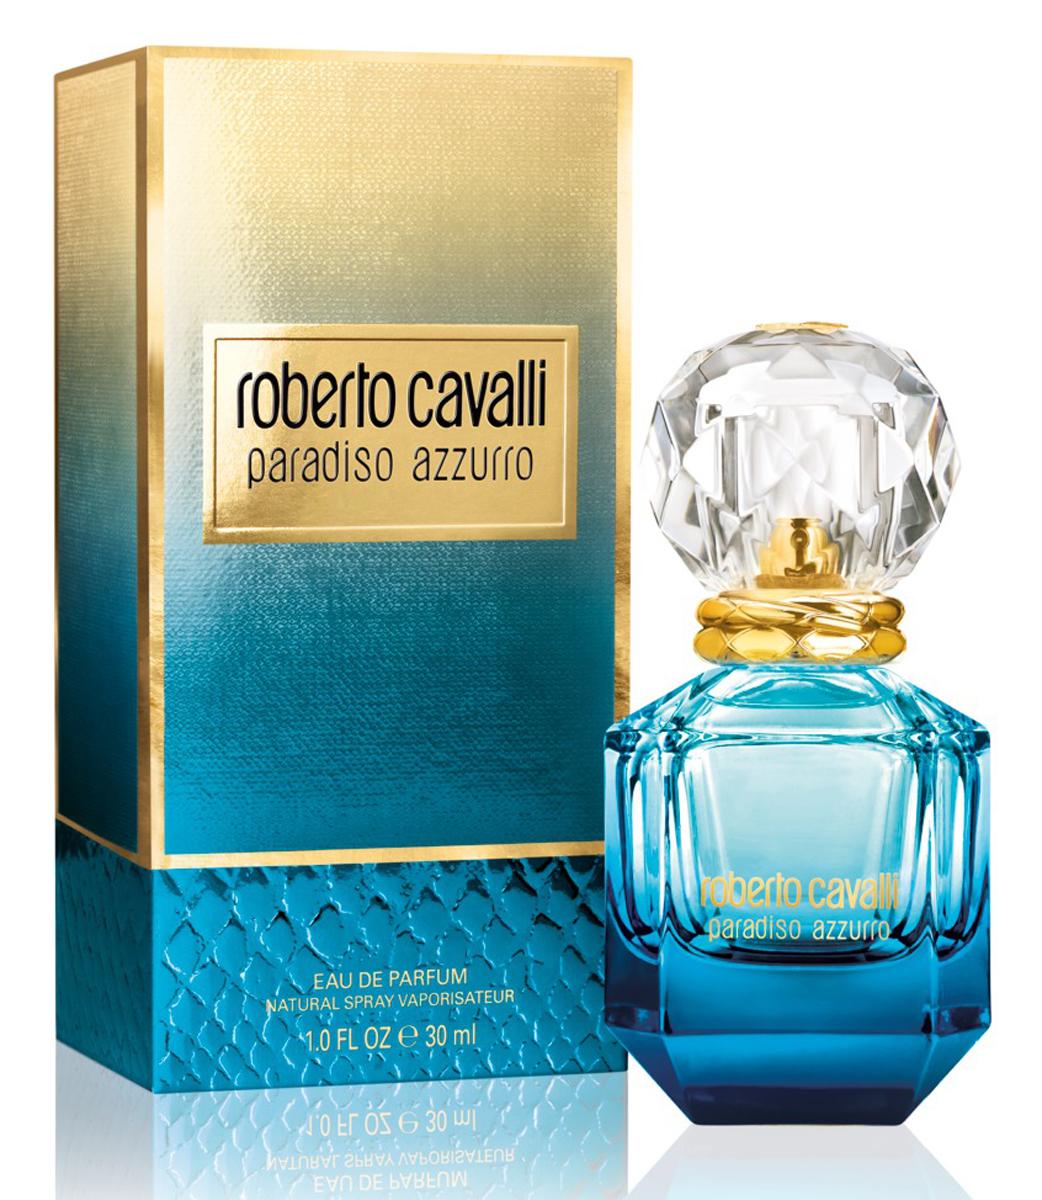 Roberto Cavalli Paradiso Azzurro Парфюмерная вода женская 30 мл75777063000Свежий цветочный акватический парфюм продолжает тему комфортного, спокойного отдыха на лазурных берегах. Изысканный Paradiso Azzurro стал более эфемерным, прохладным, чем оригинальный Paradiso. В утонченном и грациозном аромате великолепно отражены гладка